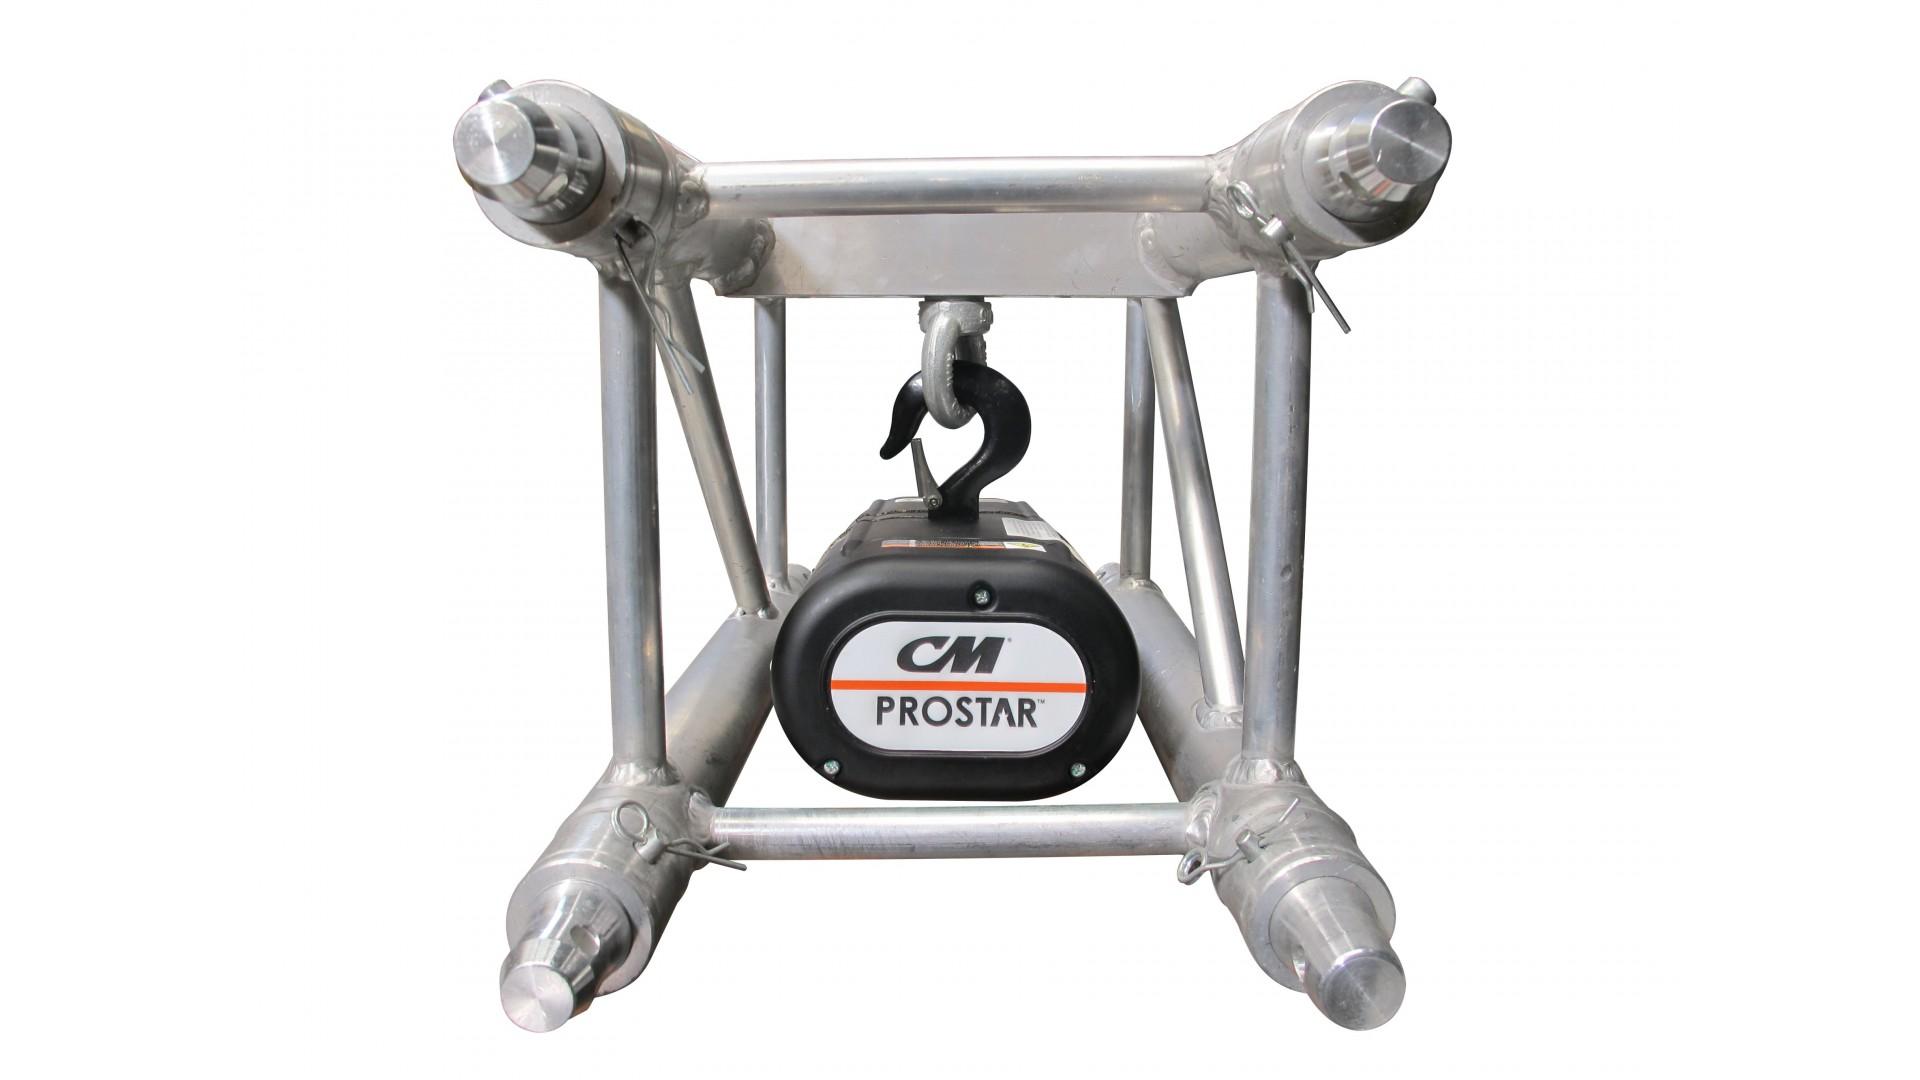 cm prostar 250kg hoist cm prostar 250 kg electric chain hoist  at soozxer.org